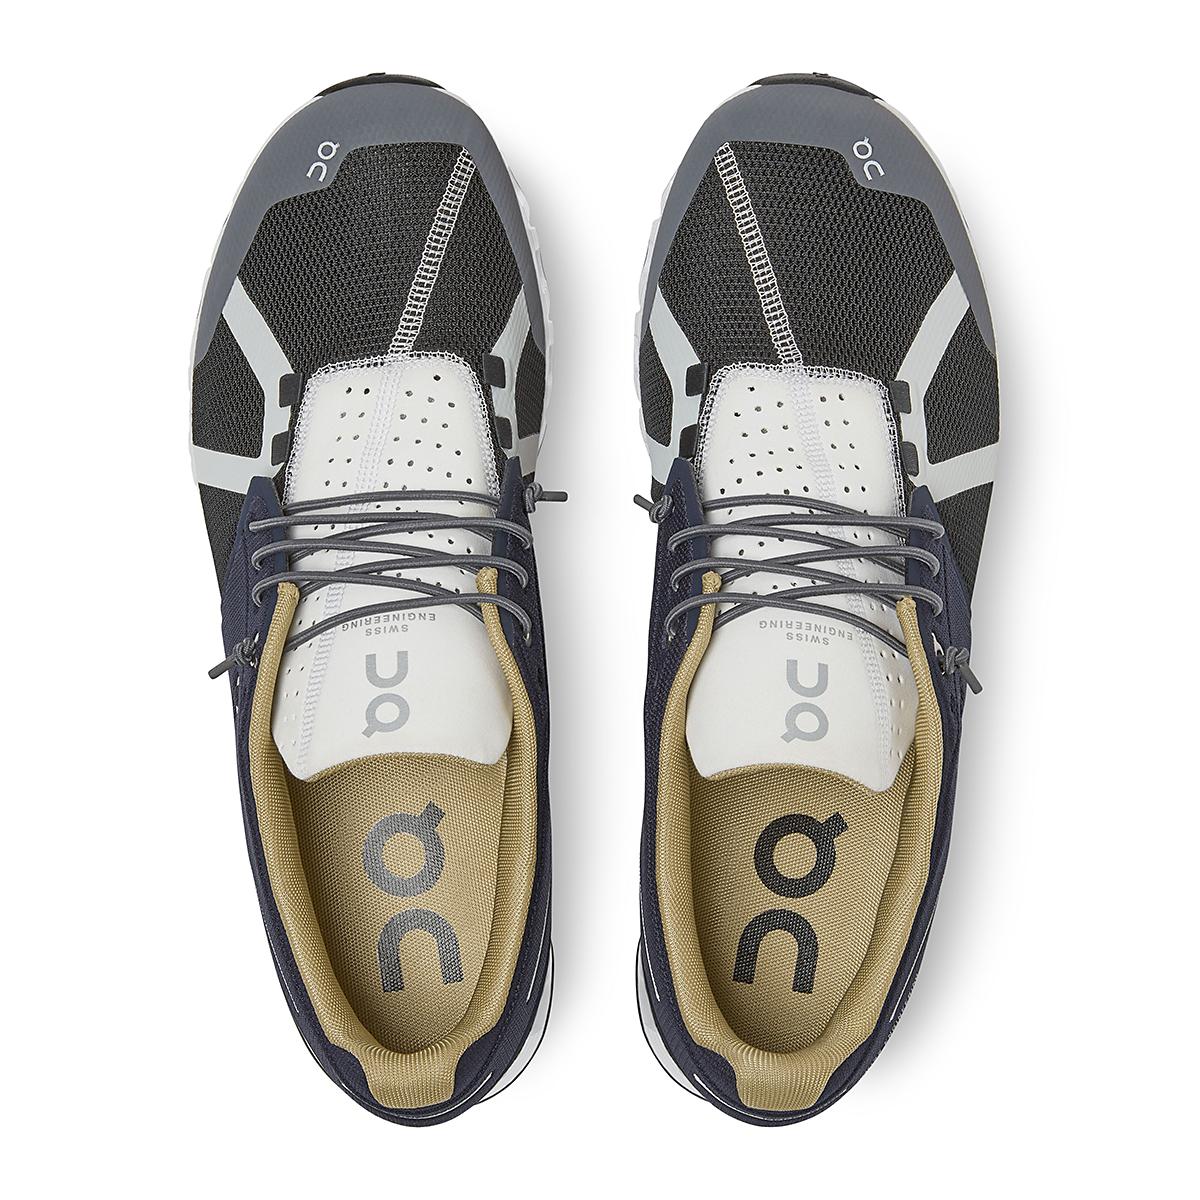 Men's On Cloud 70/30 Lifestyle Shoe - Color: Ink/Black - Size: 7 - Width: Regular, Ink/Black, large, image 3